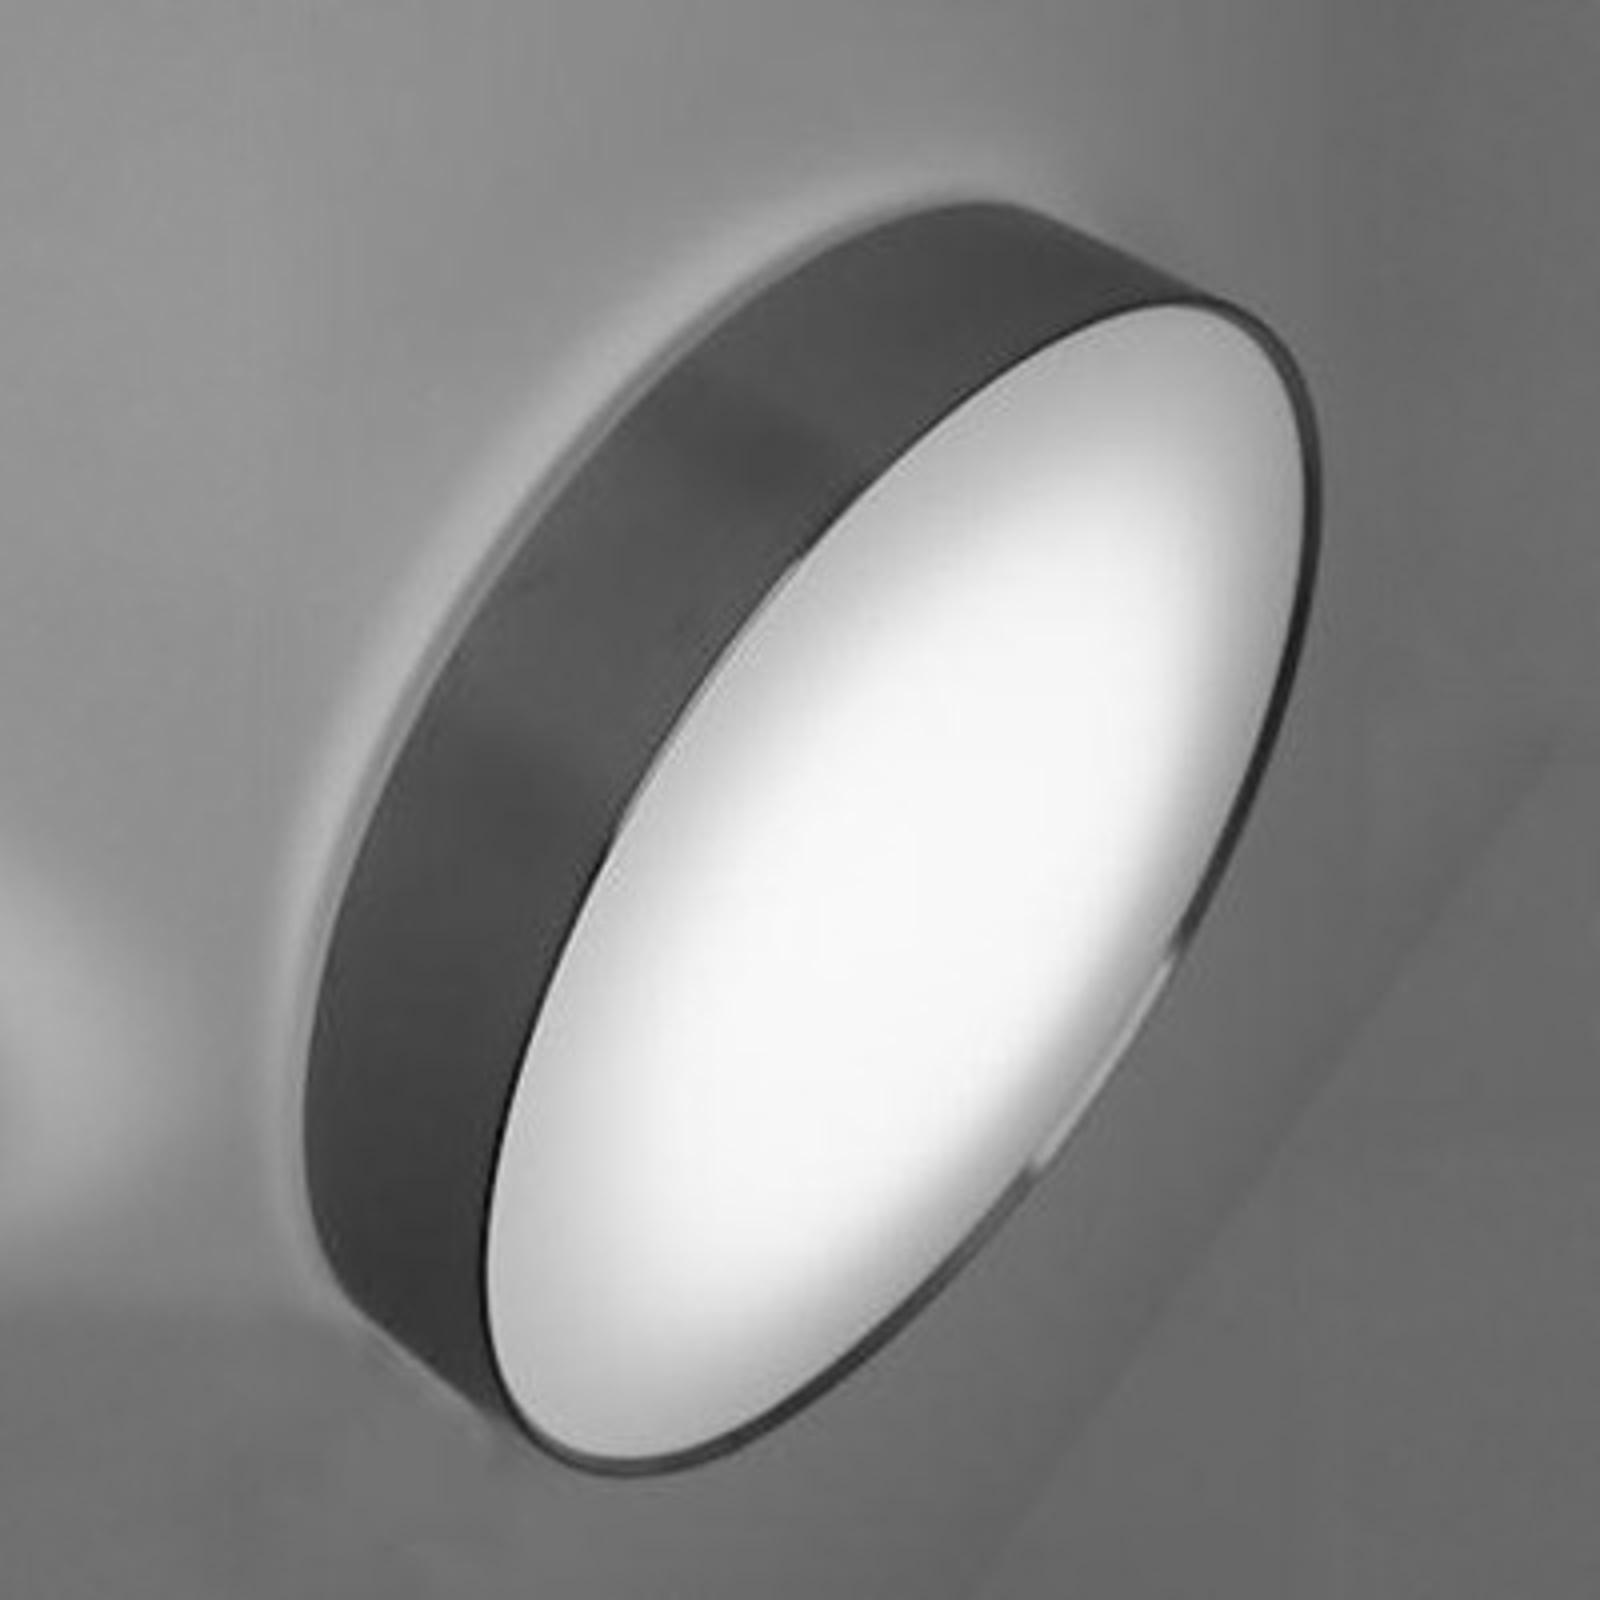 Lampada di acciaio LED SUN 4 con sensore, 13 W